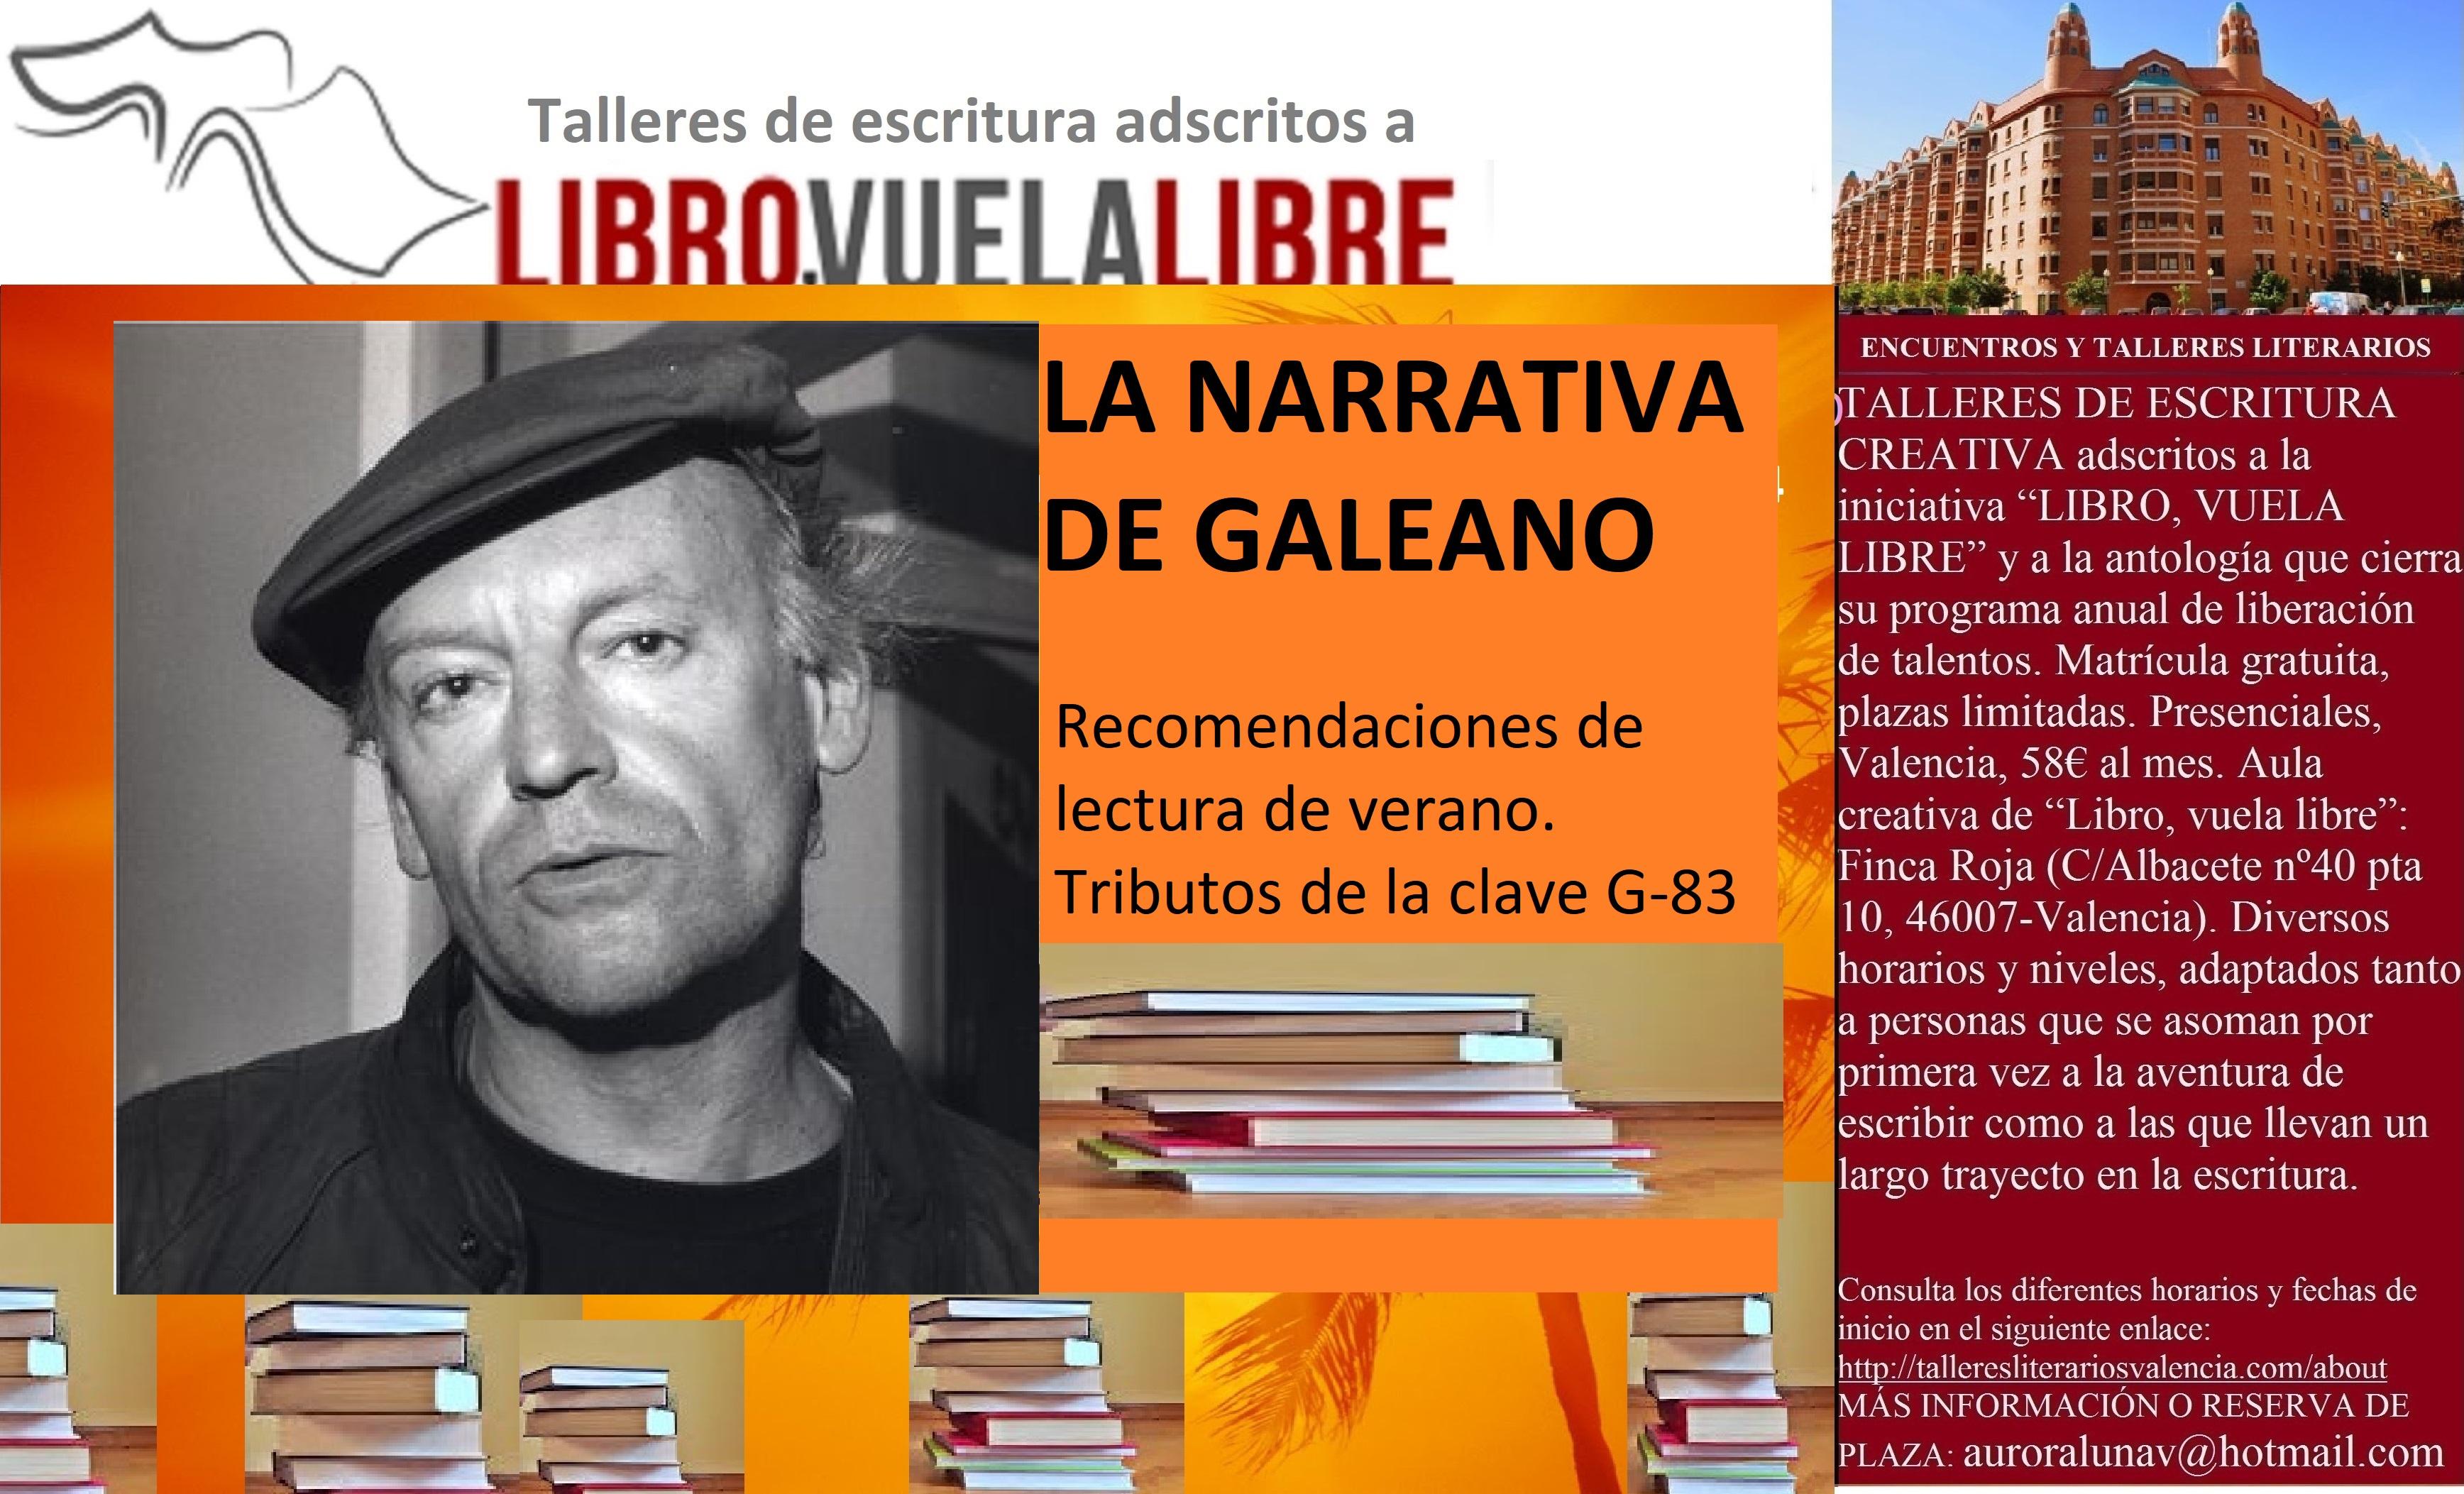 LA NARRATIVA DE GALEANO. Taller de escritura: tributos de la clave G-83